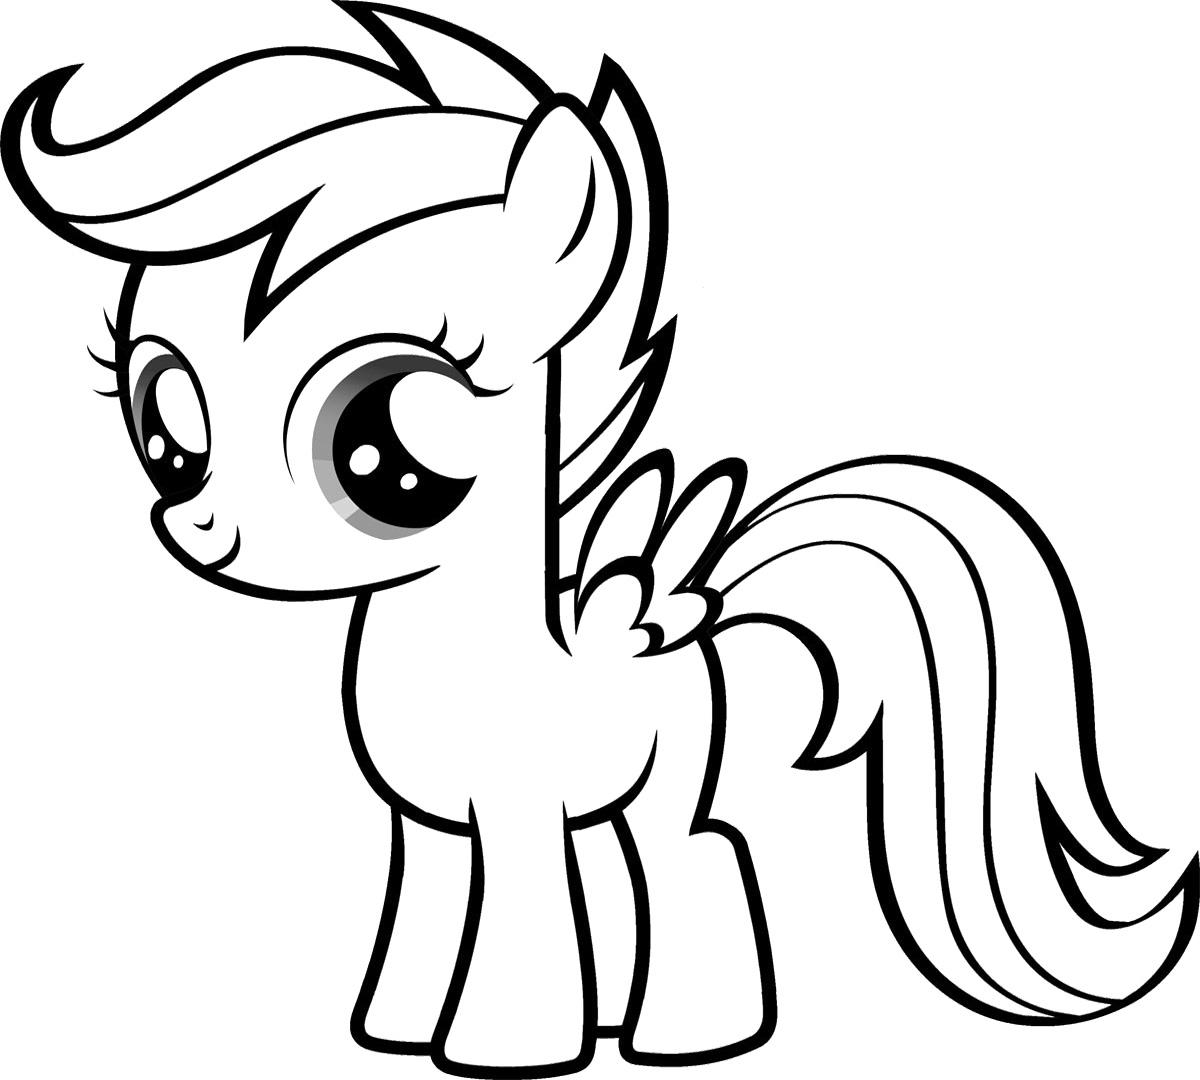 Tuyển tập các mẫu tranh tô màu ngựa Pony đẹp được yêu thích nhất